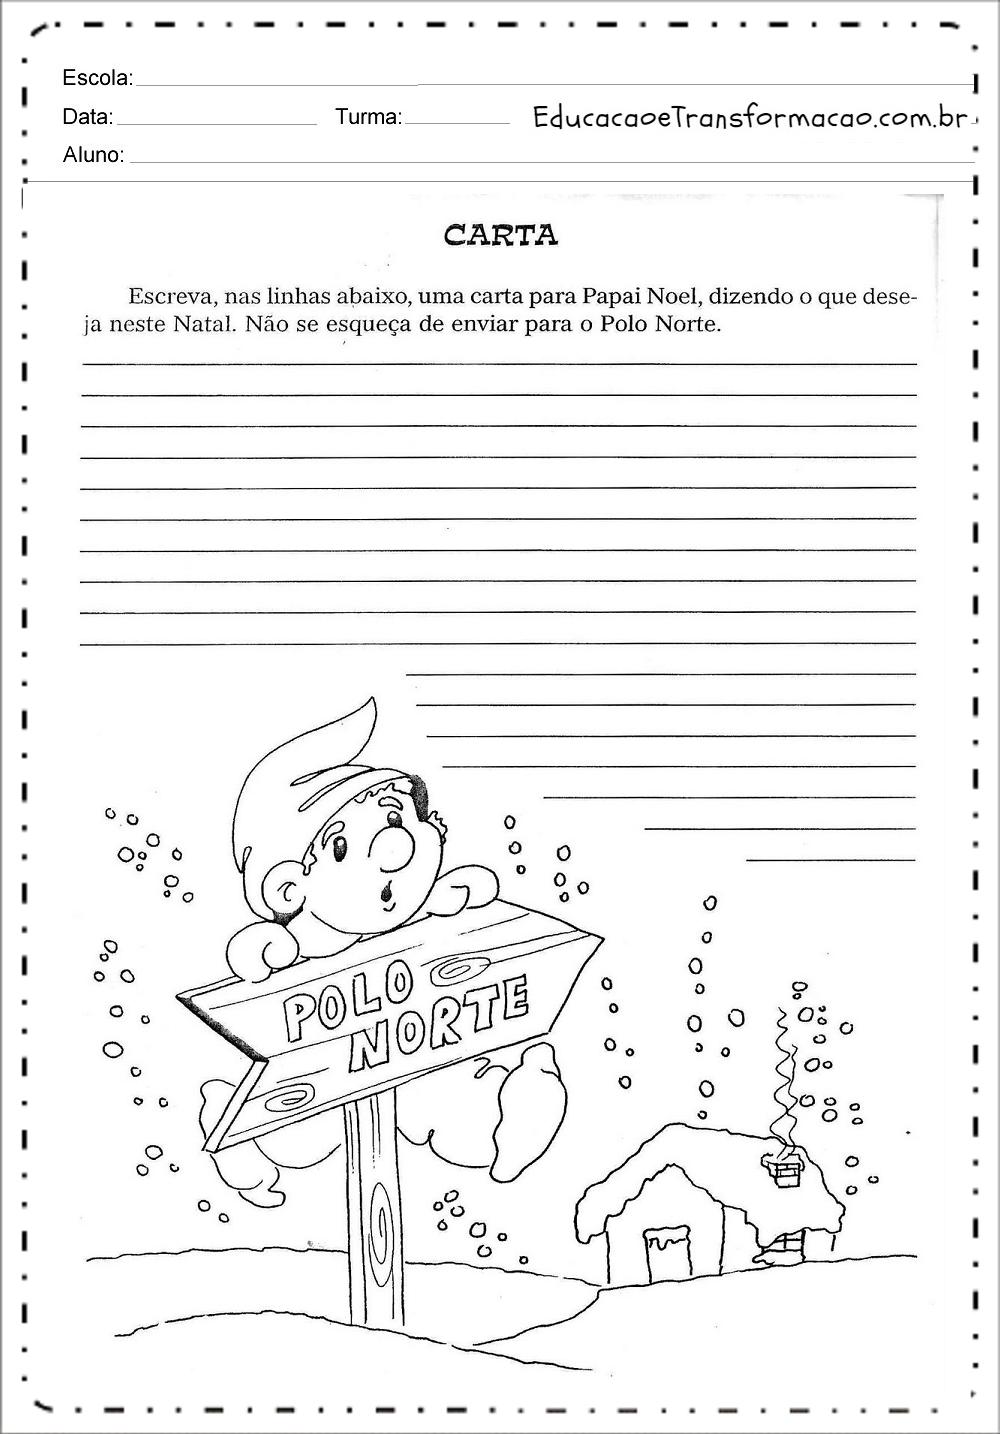 Excepcional Atividades de Produção de Texto de Natal - Para imprimir ME85